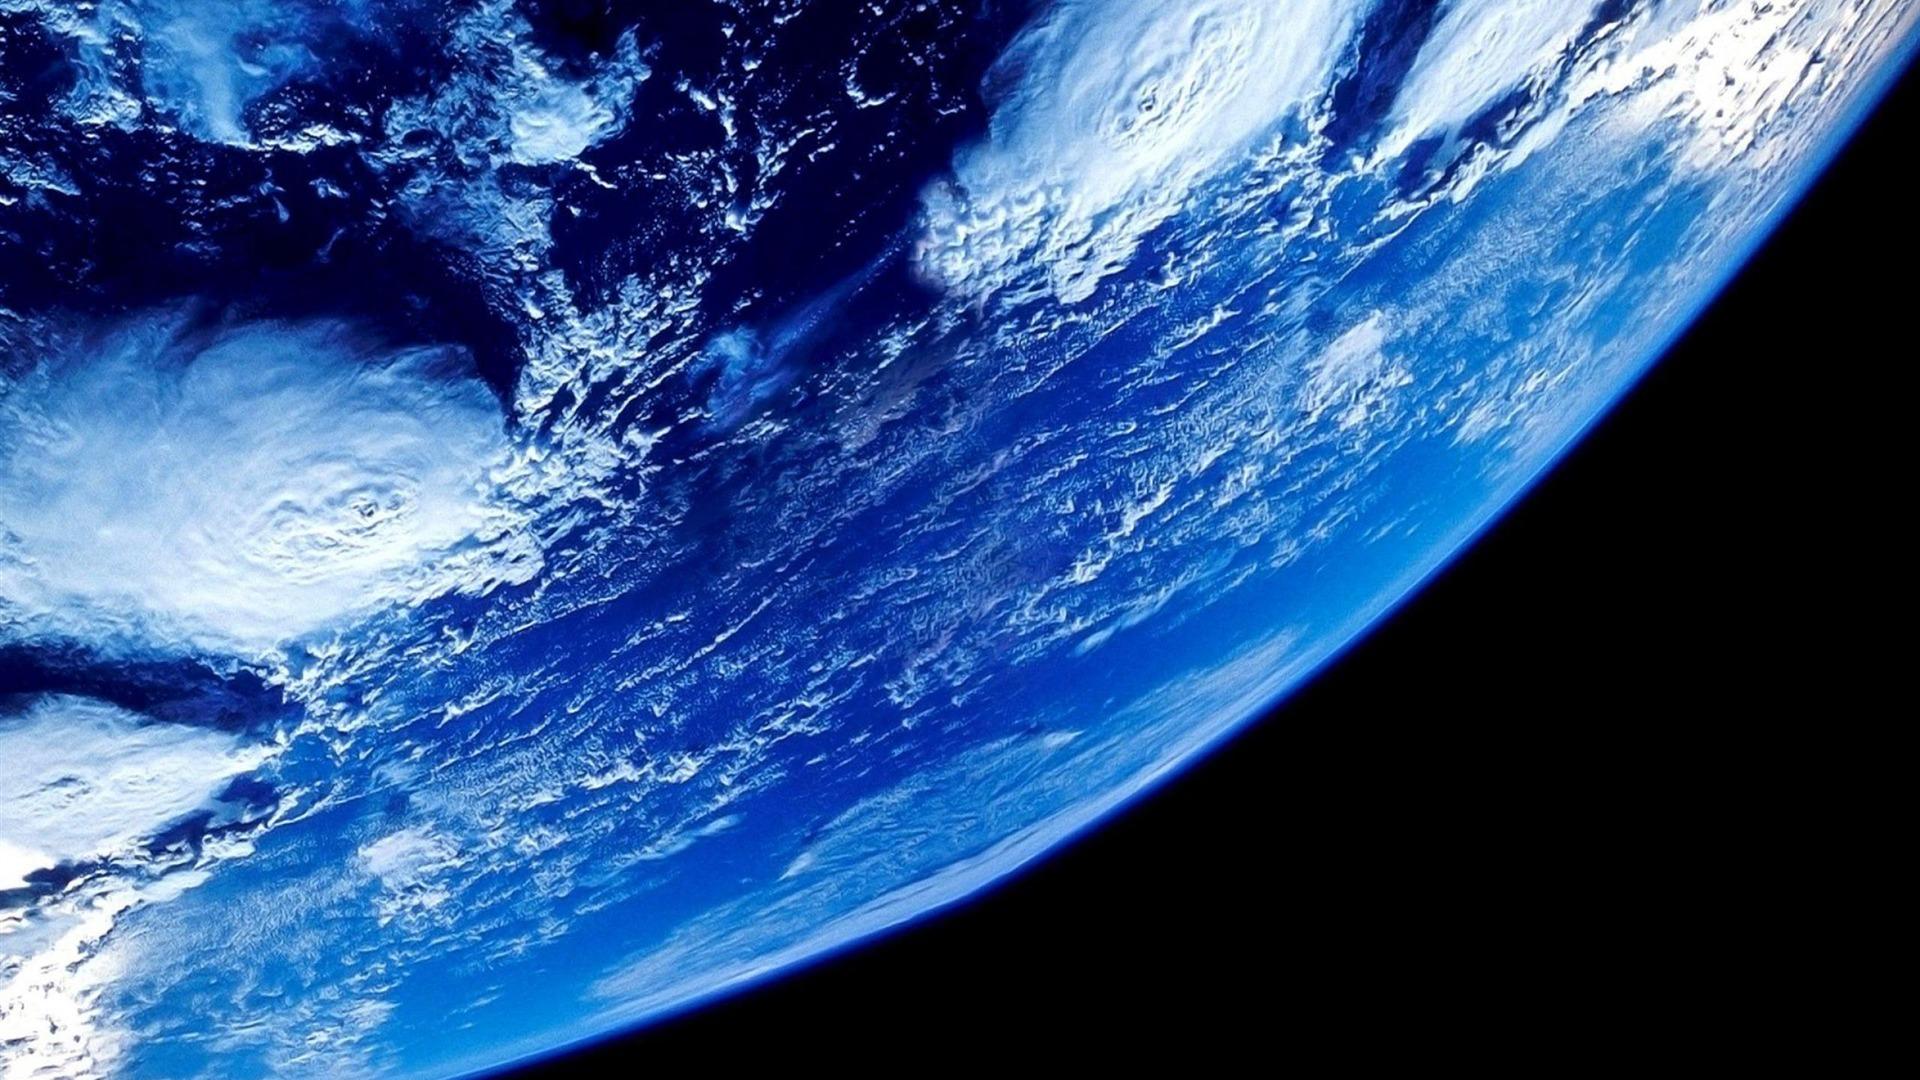 壮大で美しい宇宙の高画質画像まとめ 厳選pc スマホ用壁紙 写真まとめサイト Pictas